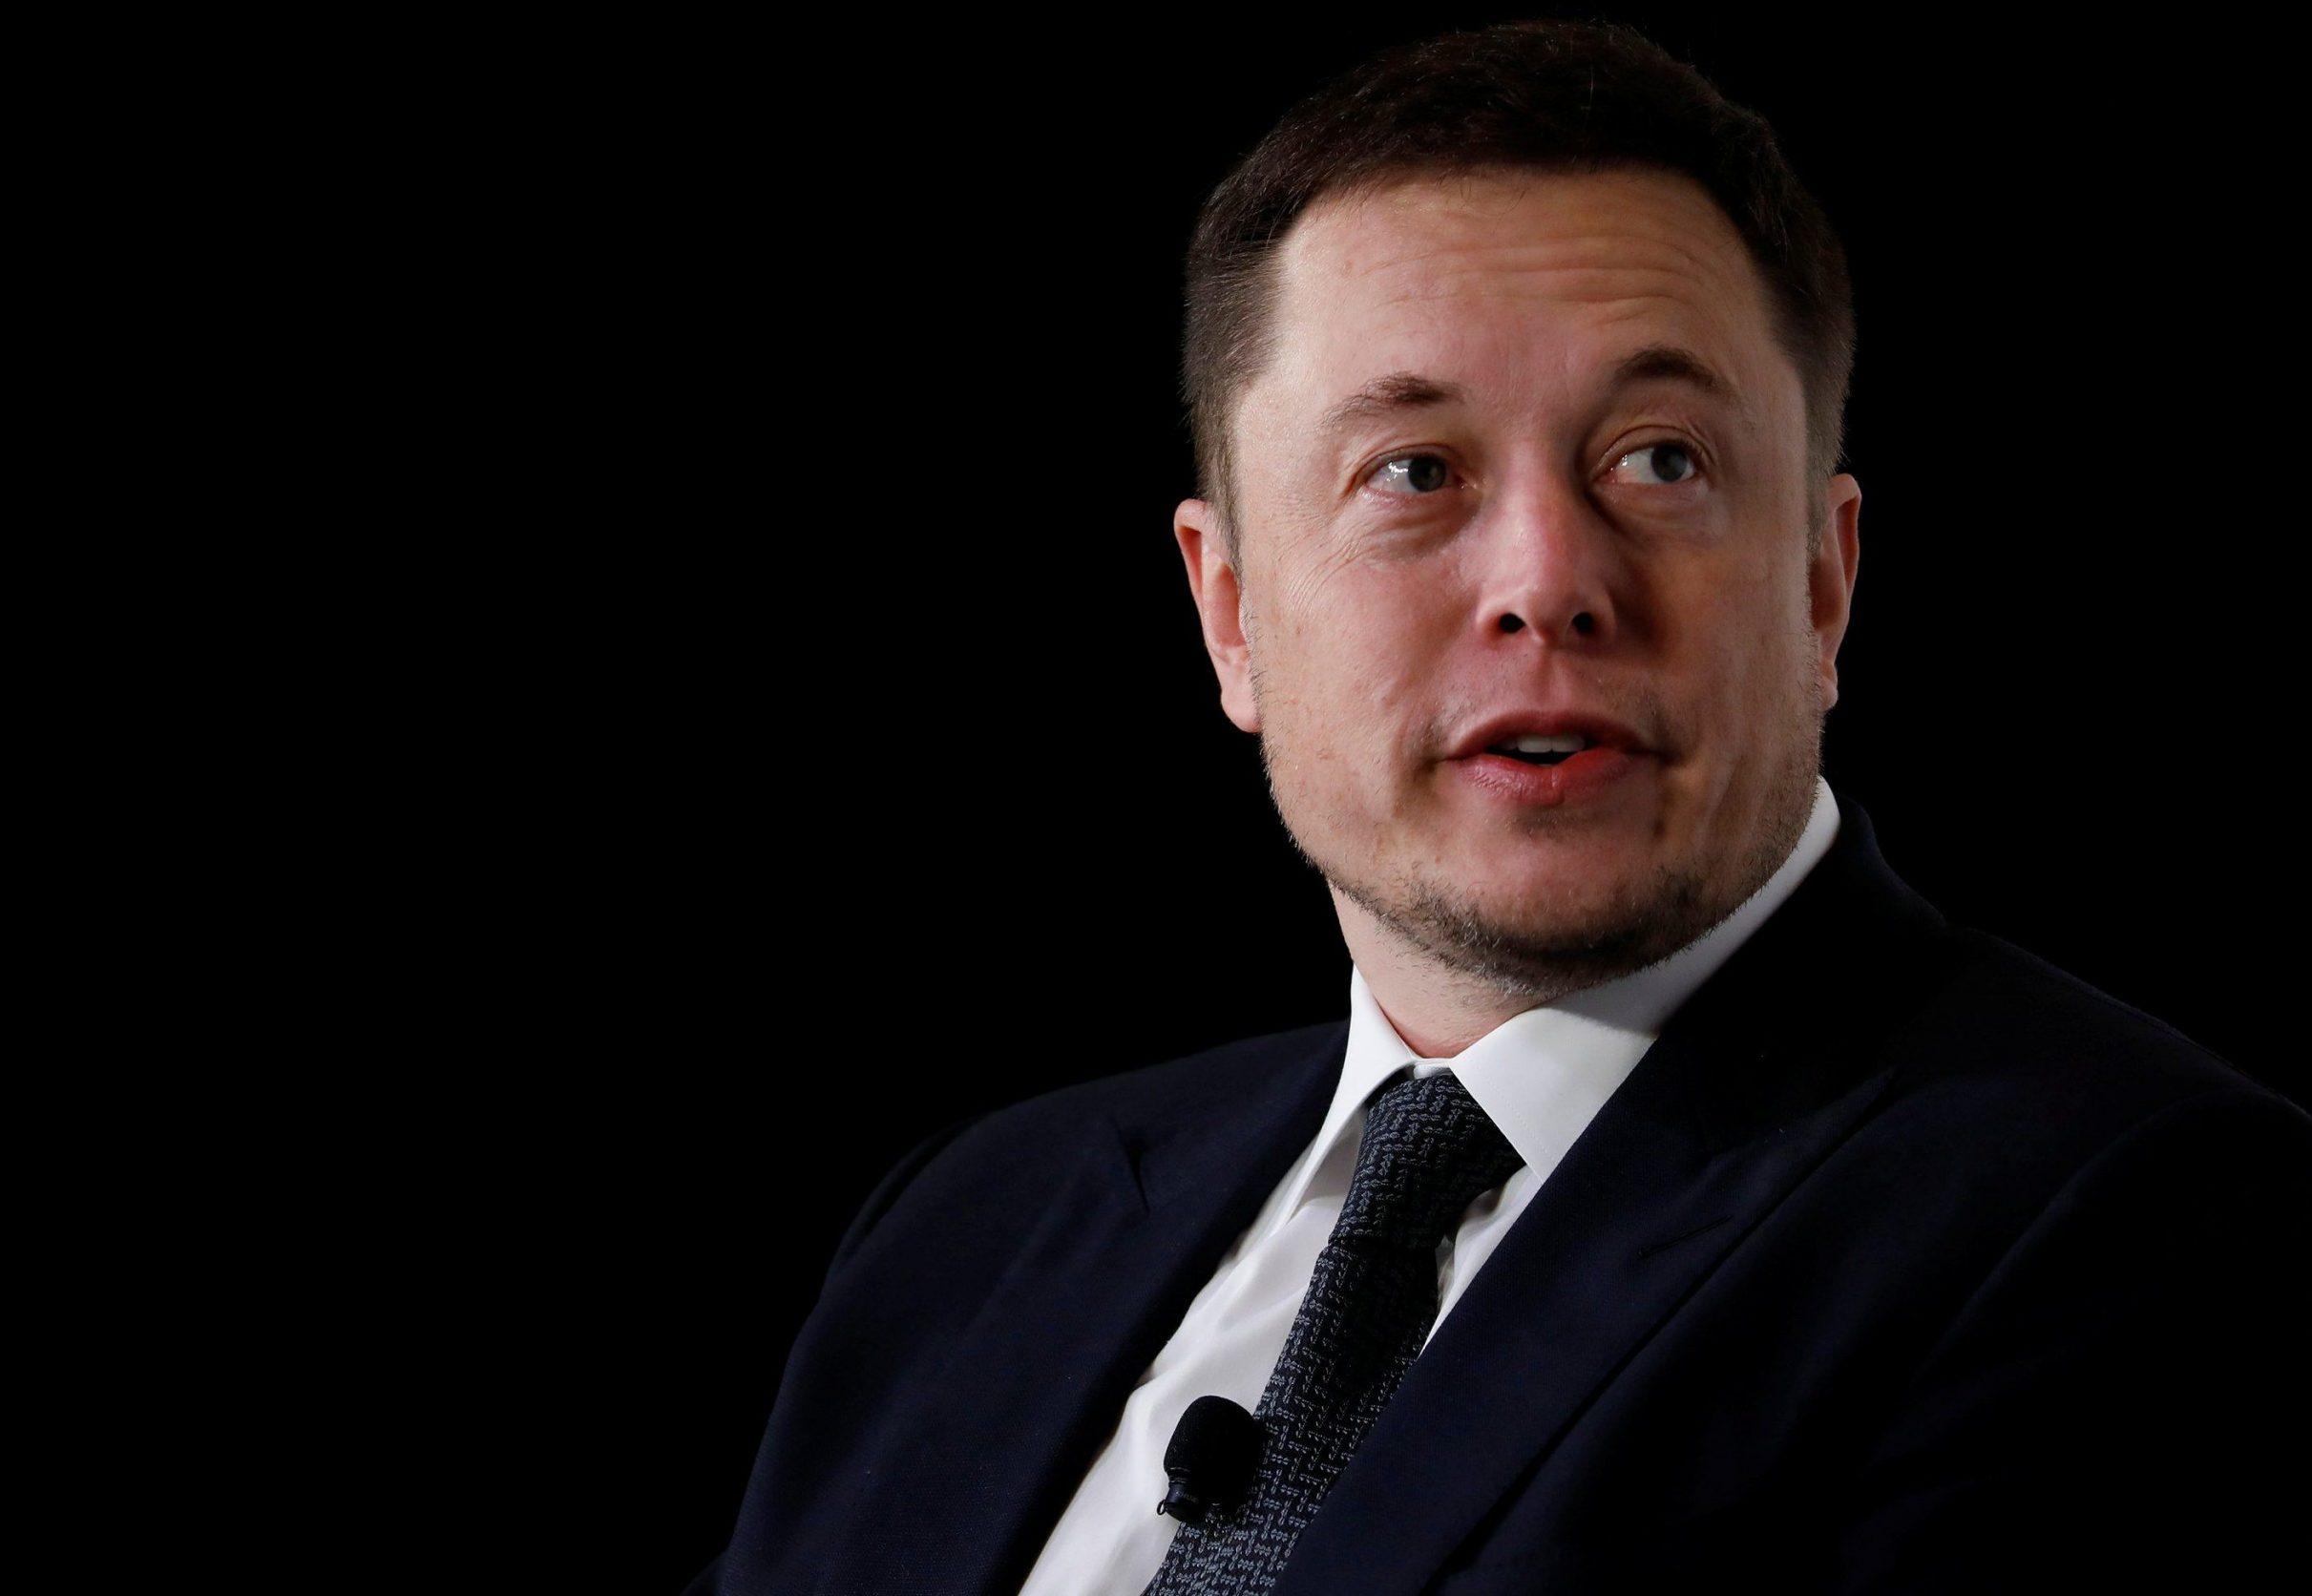 МАСК-ШОУ: Tesla переманивает топ-менеджеров из Snap, Apple и Amazon